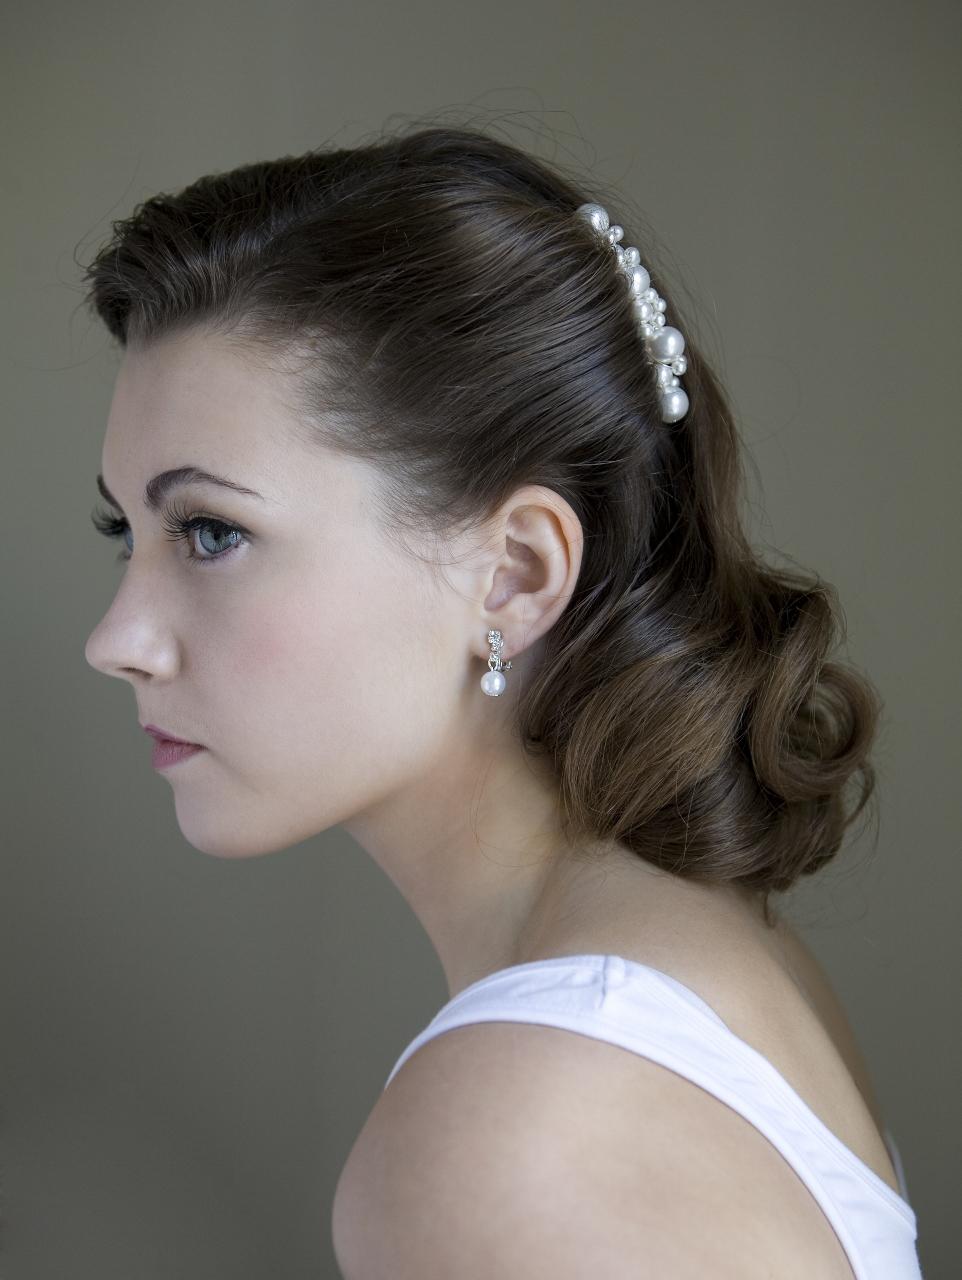 Vintage Wedding Makeup And Hair : Miss Vintage Wedding Affair - A Vintage Wedding Fair ...